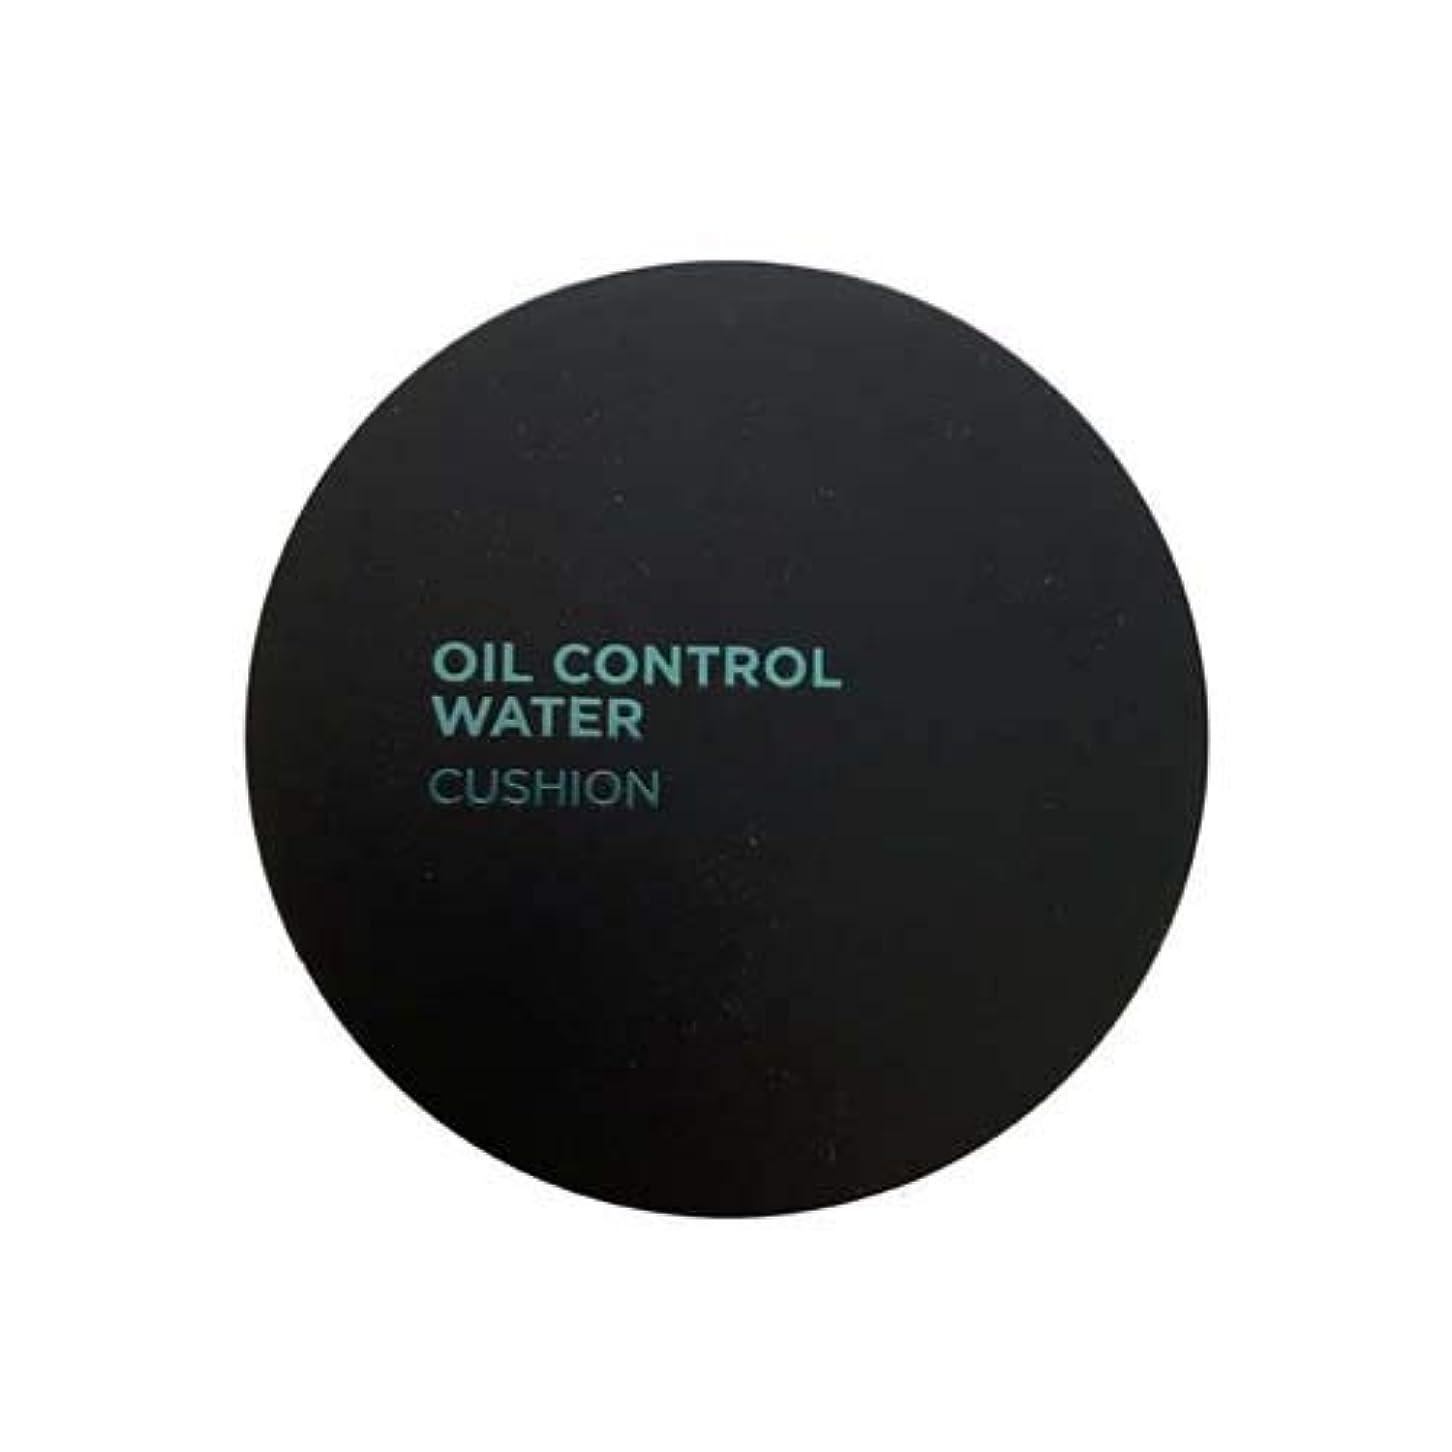 解決する軽蔑分散[ザ?フェイスショップ] THE FACE SHOP [オイルコントロール水分クッションEX SPF50+ PA+++15g] Oil Control Water Cushion EX 15g [海外直送品] (V203...